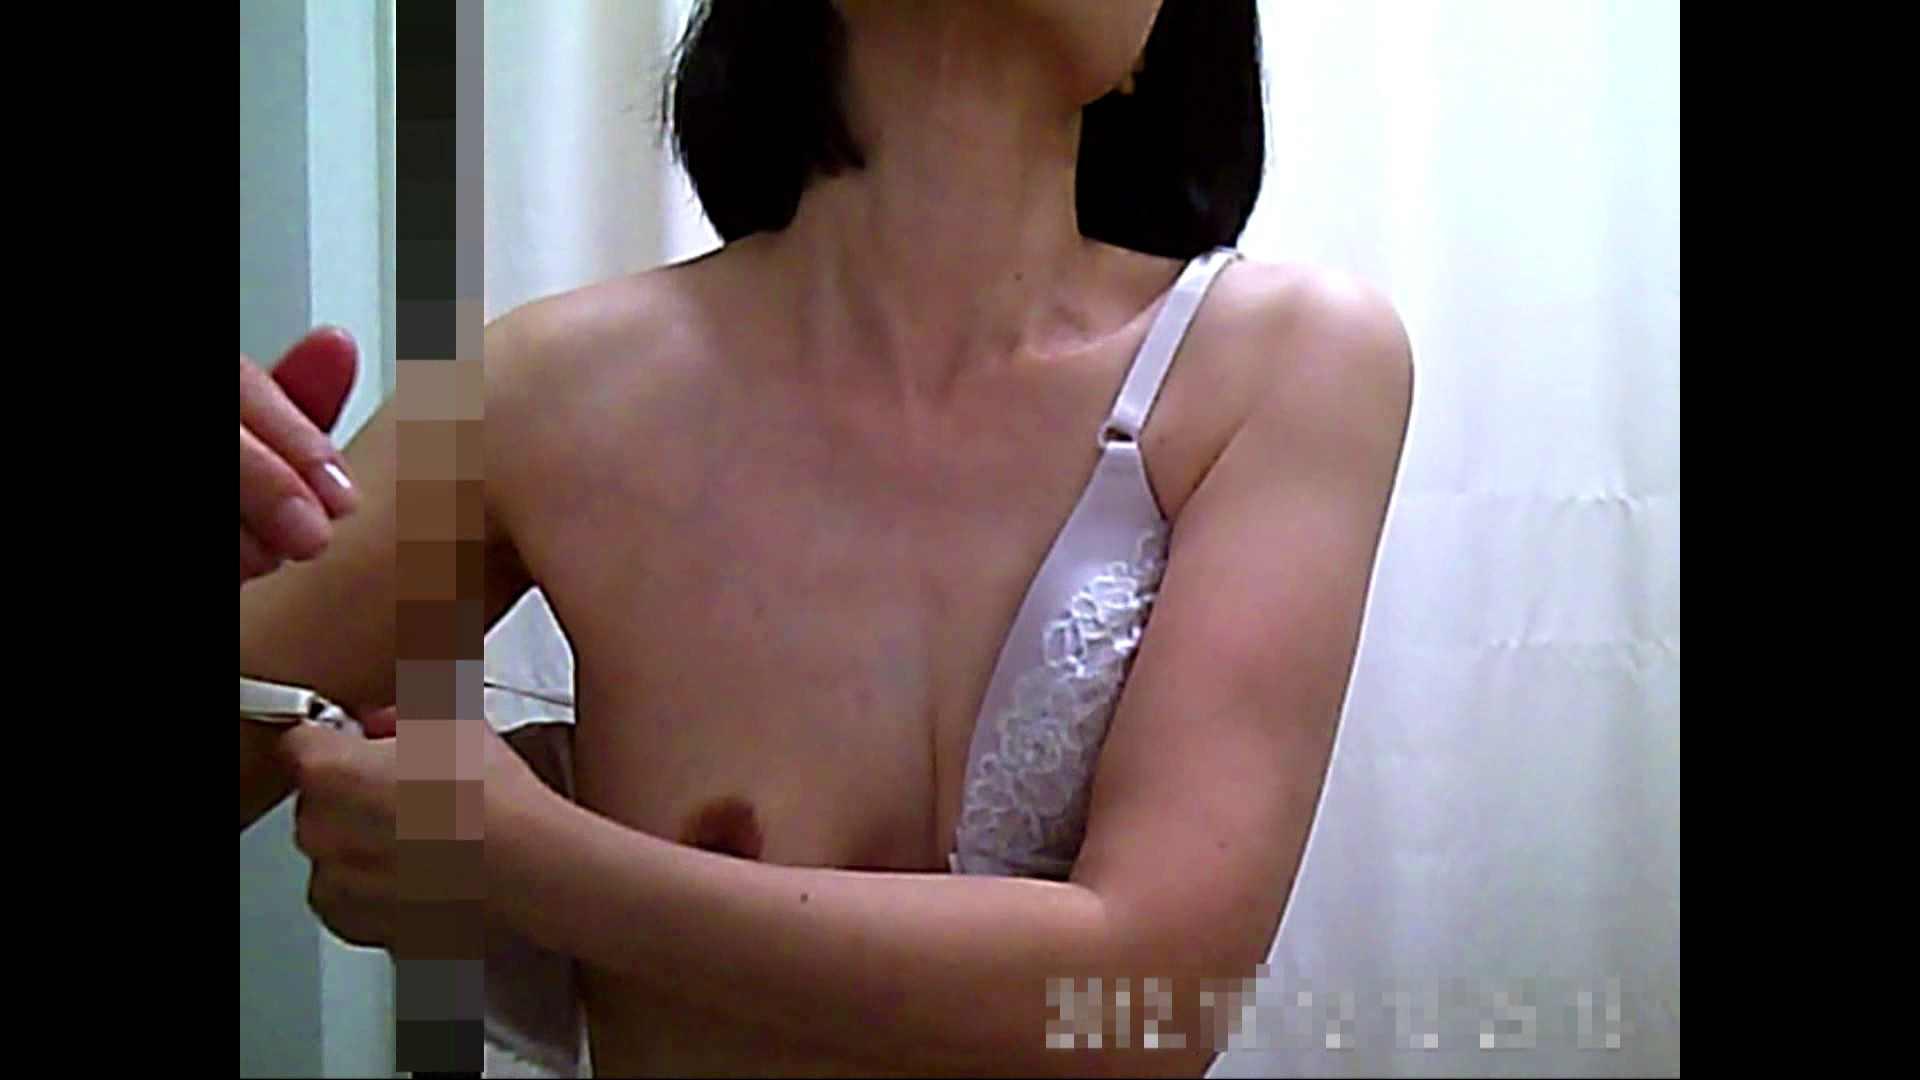 病院おもいっきり着替え! vol.236 貧乳編 オメコ無修正動画無料 68画像 63